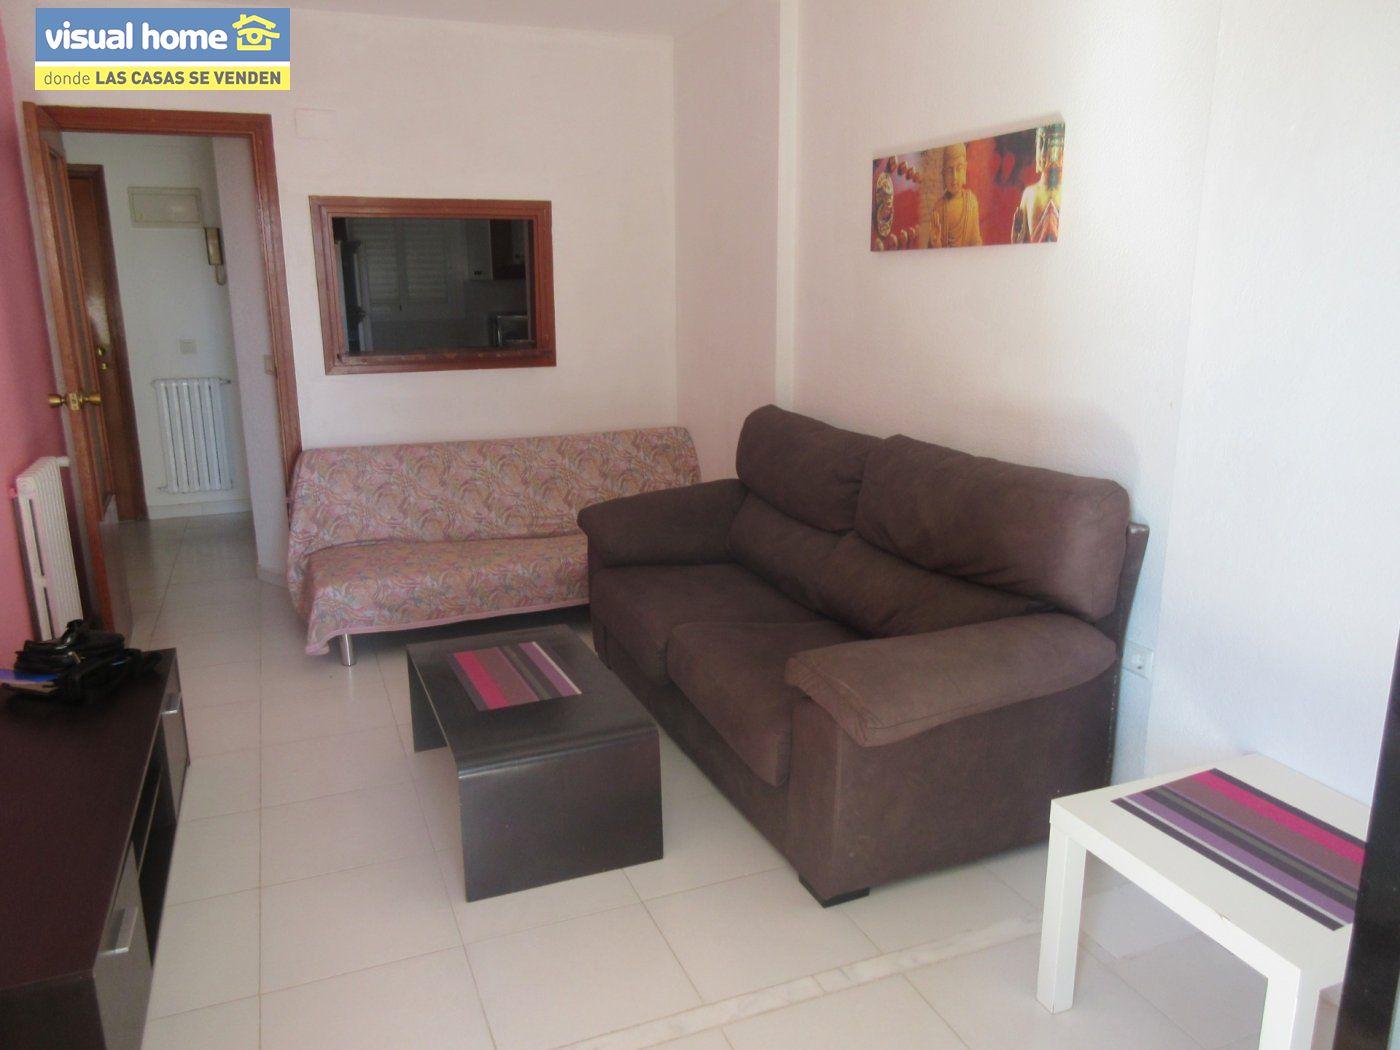 Apartamento de un dormitorio con parking y piscina en Rincón de Loix llano 5